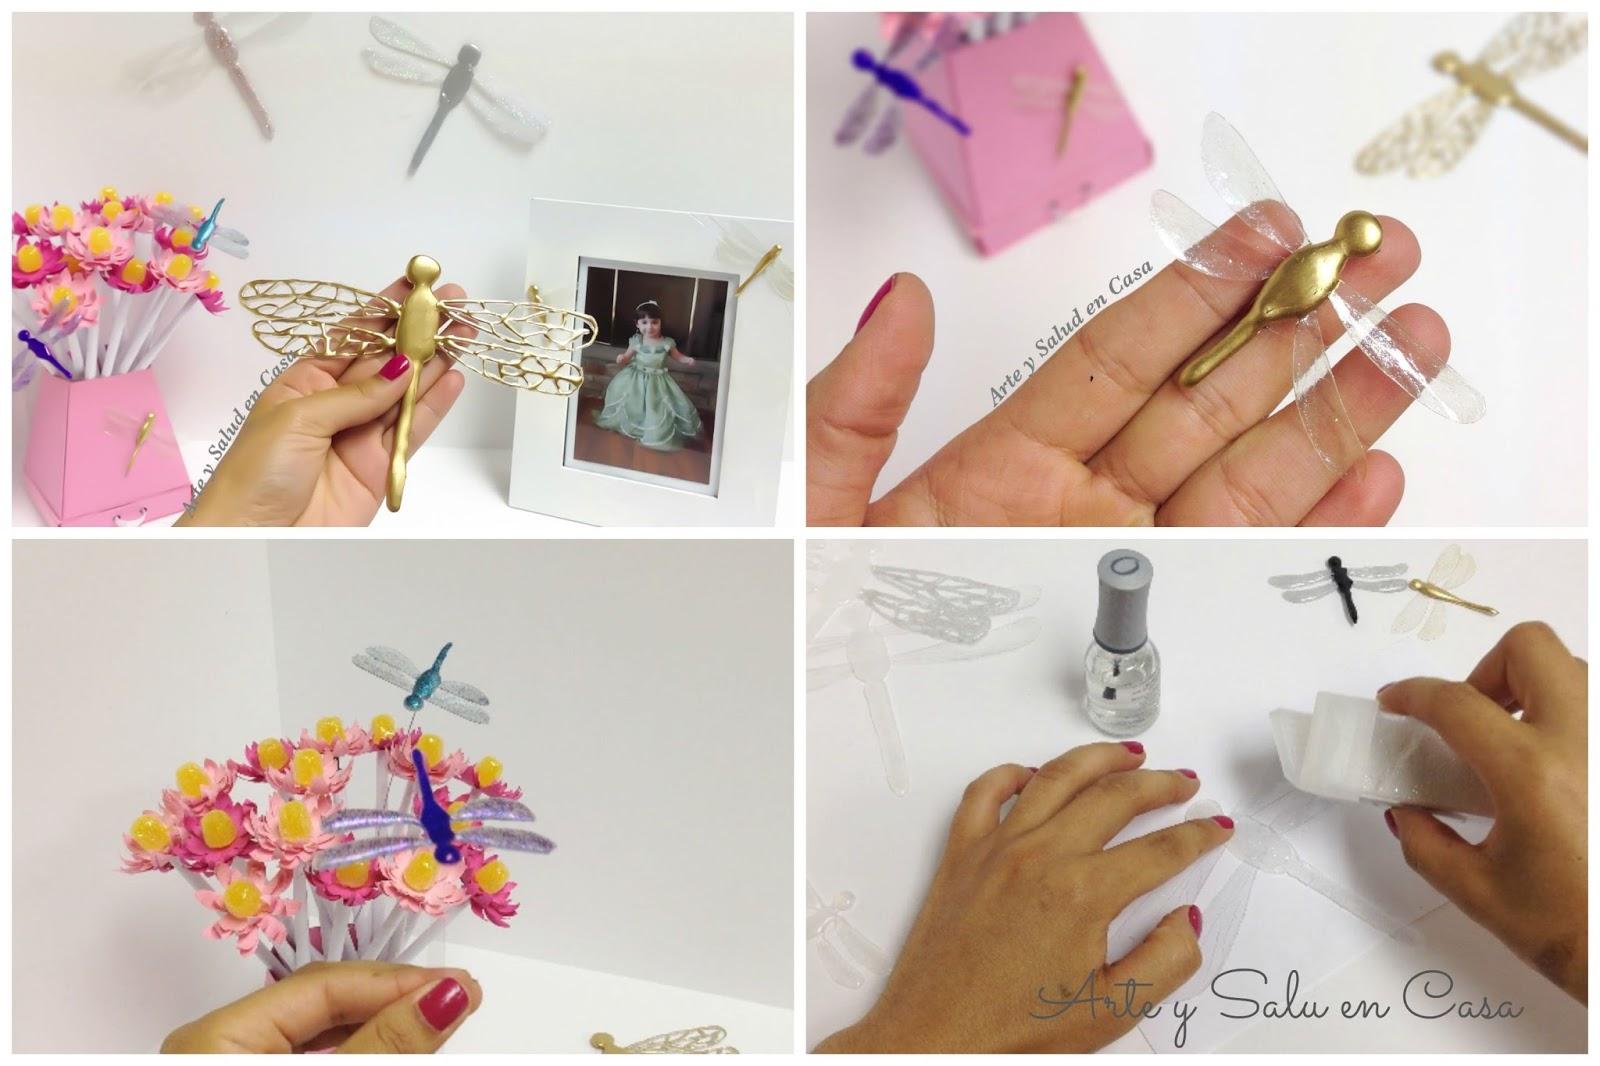 Arte y salud en casa como hacer lib lulas para decorar - Manualidades caseras para decorar la casa ...